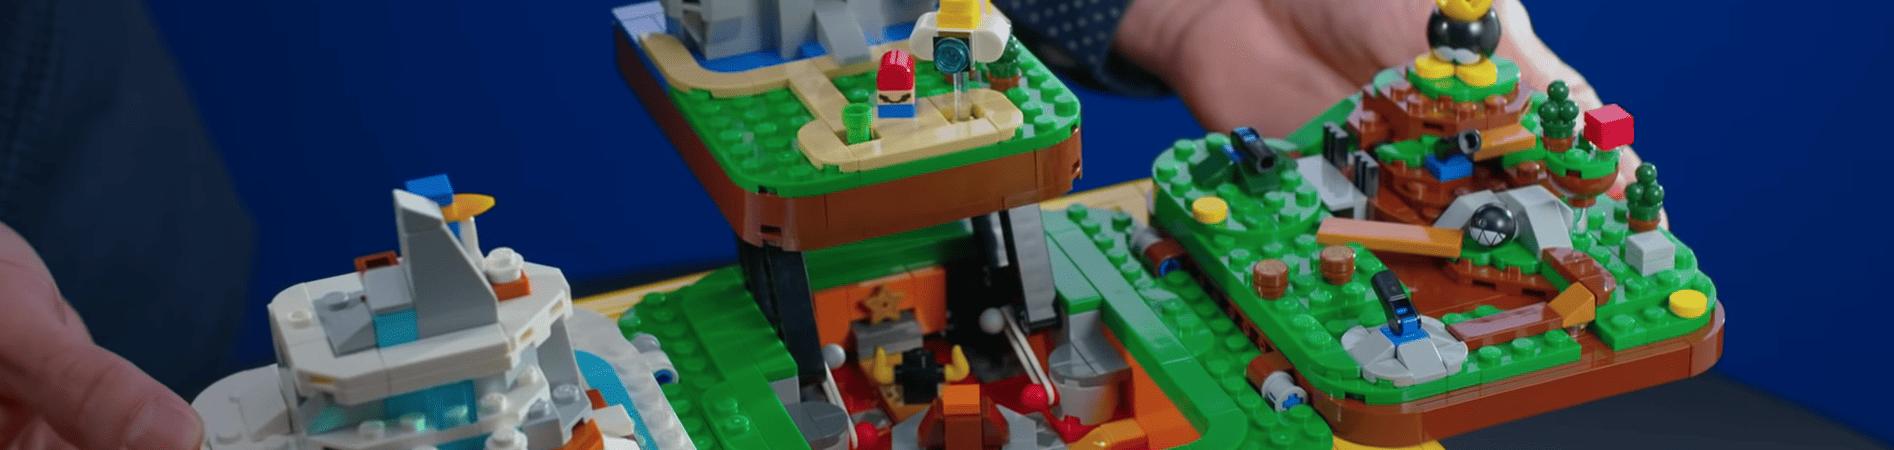 Lego Super Mario 64 (Imagem: divulgação/Lego)